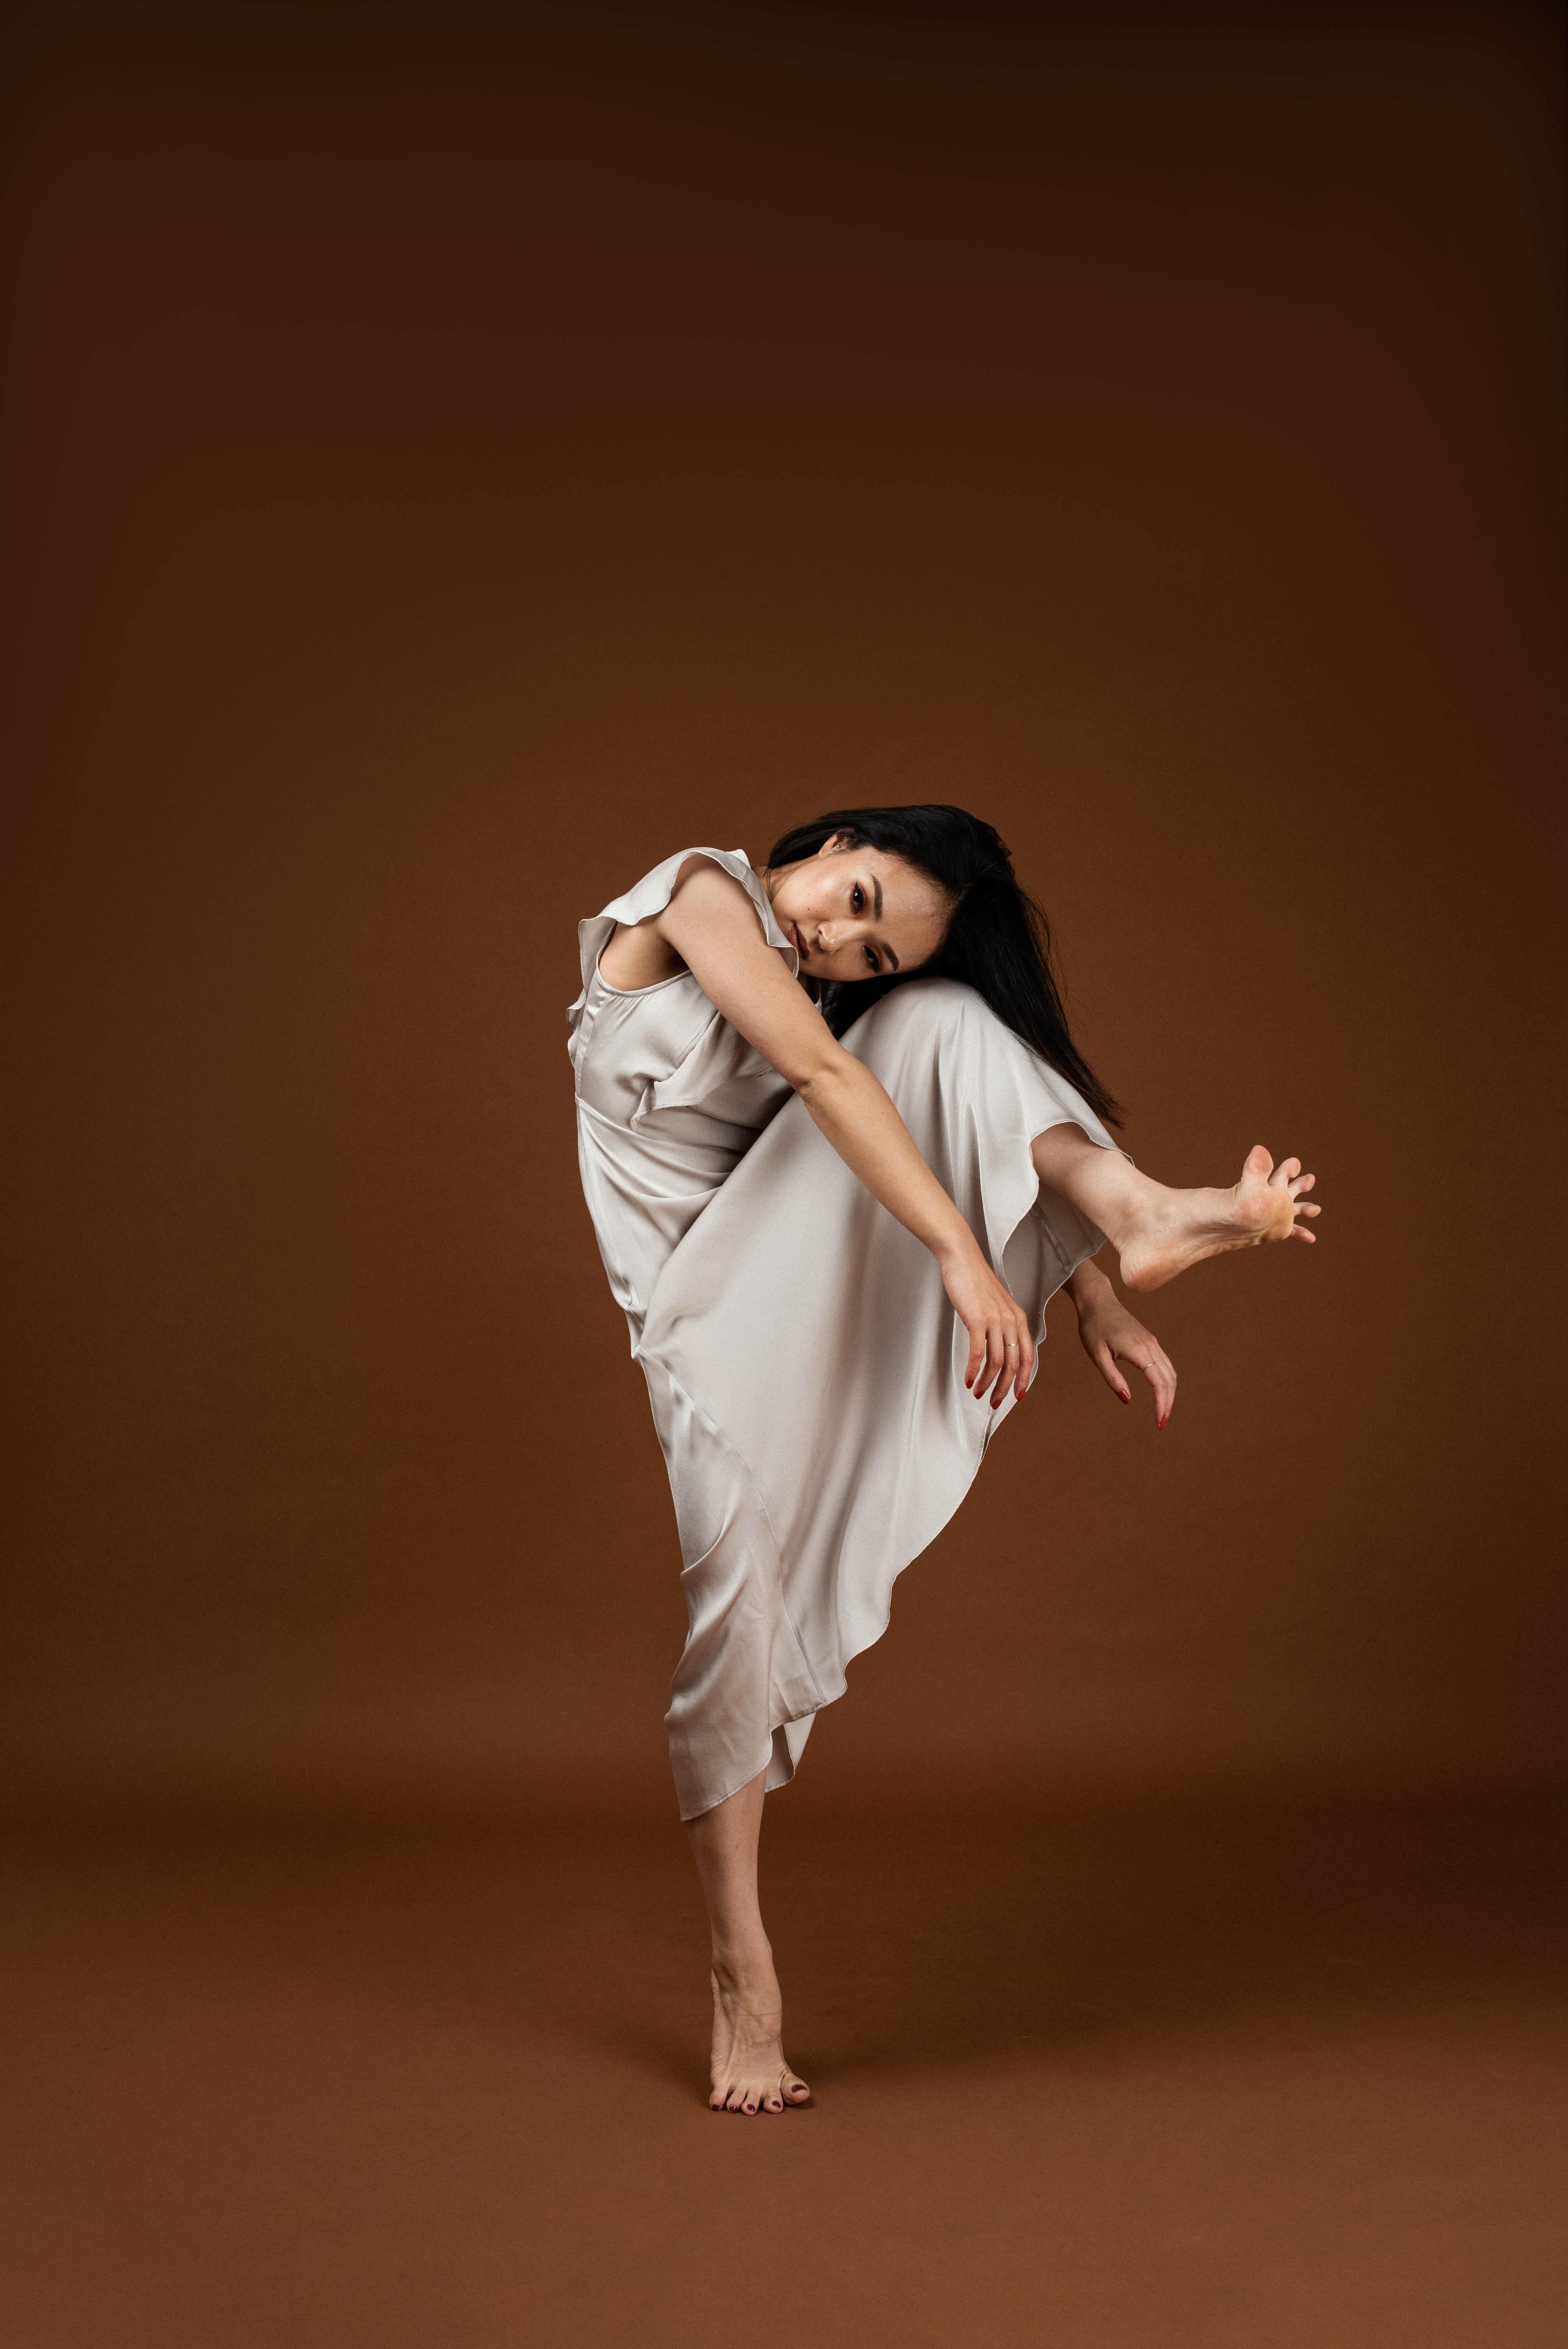 米最大級のダンス大会にて日本人女性ダンサーがファイナル進出  1月15日に米ハリウッドで決勝ダンスを披露